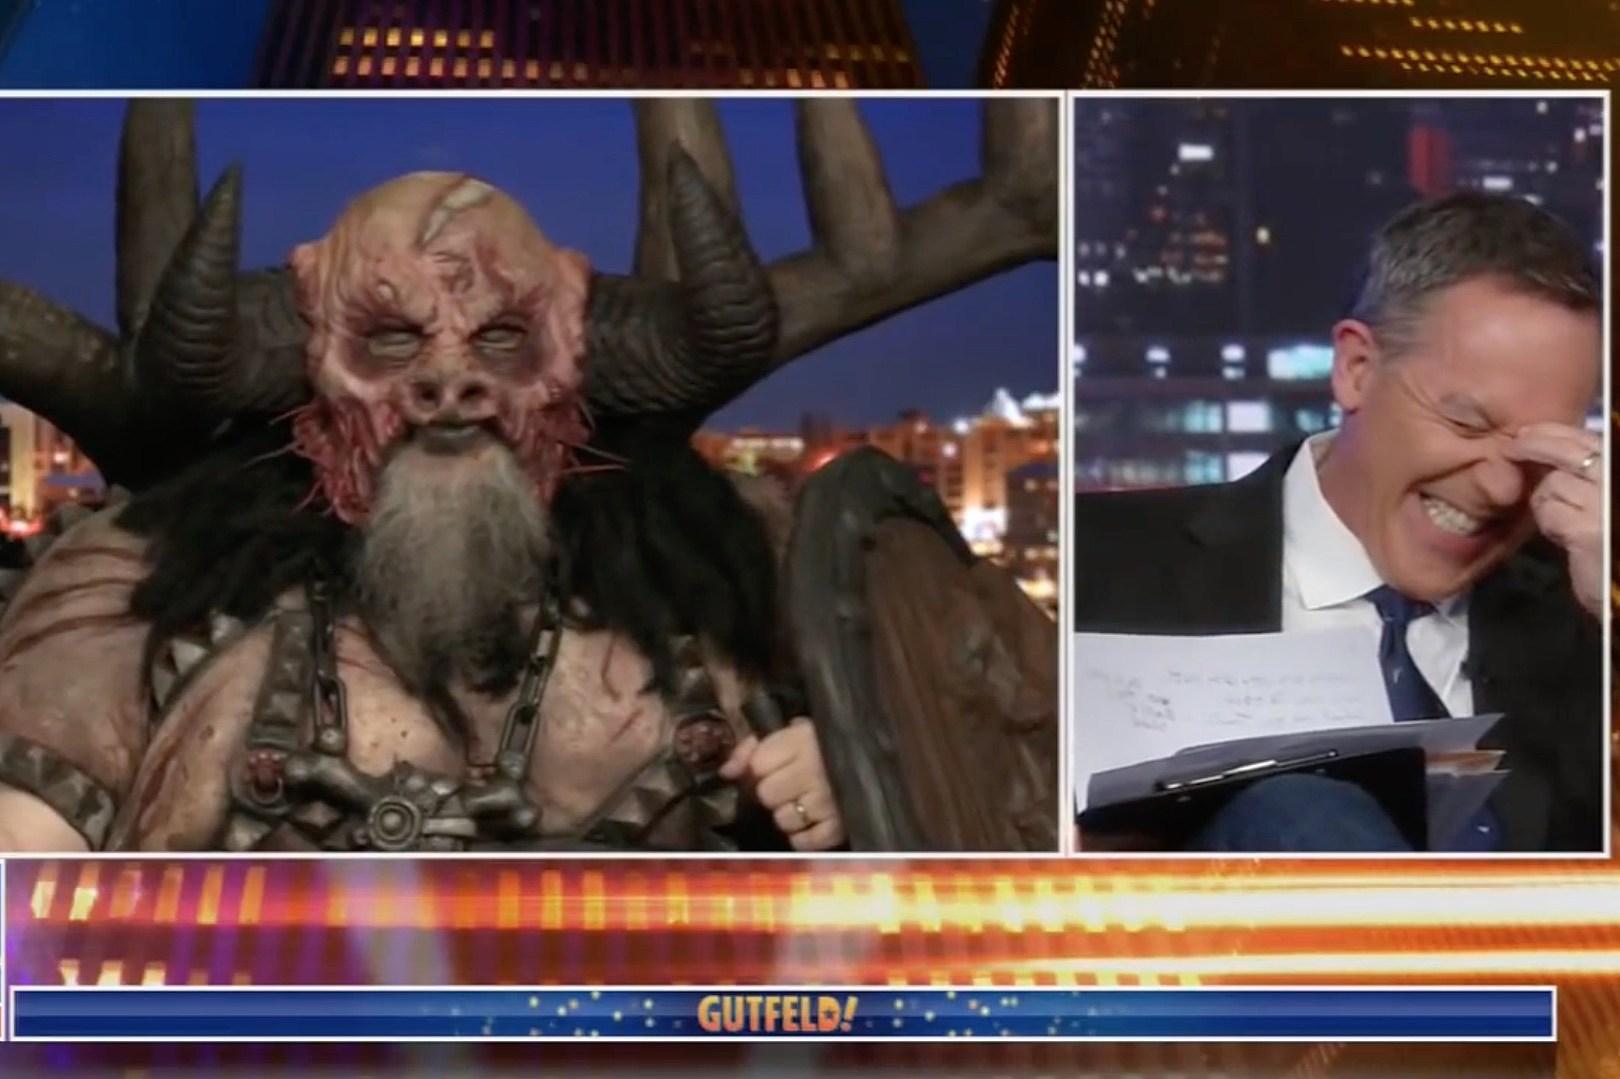 GWAR's Blothar the Berserker Was on Fox News